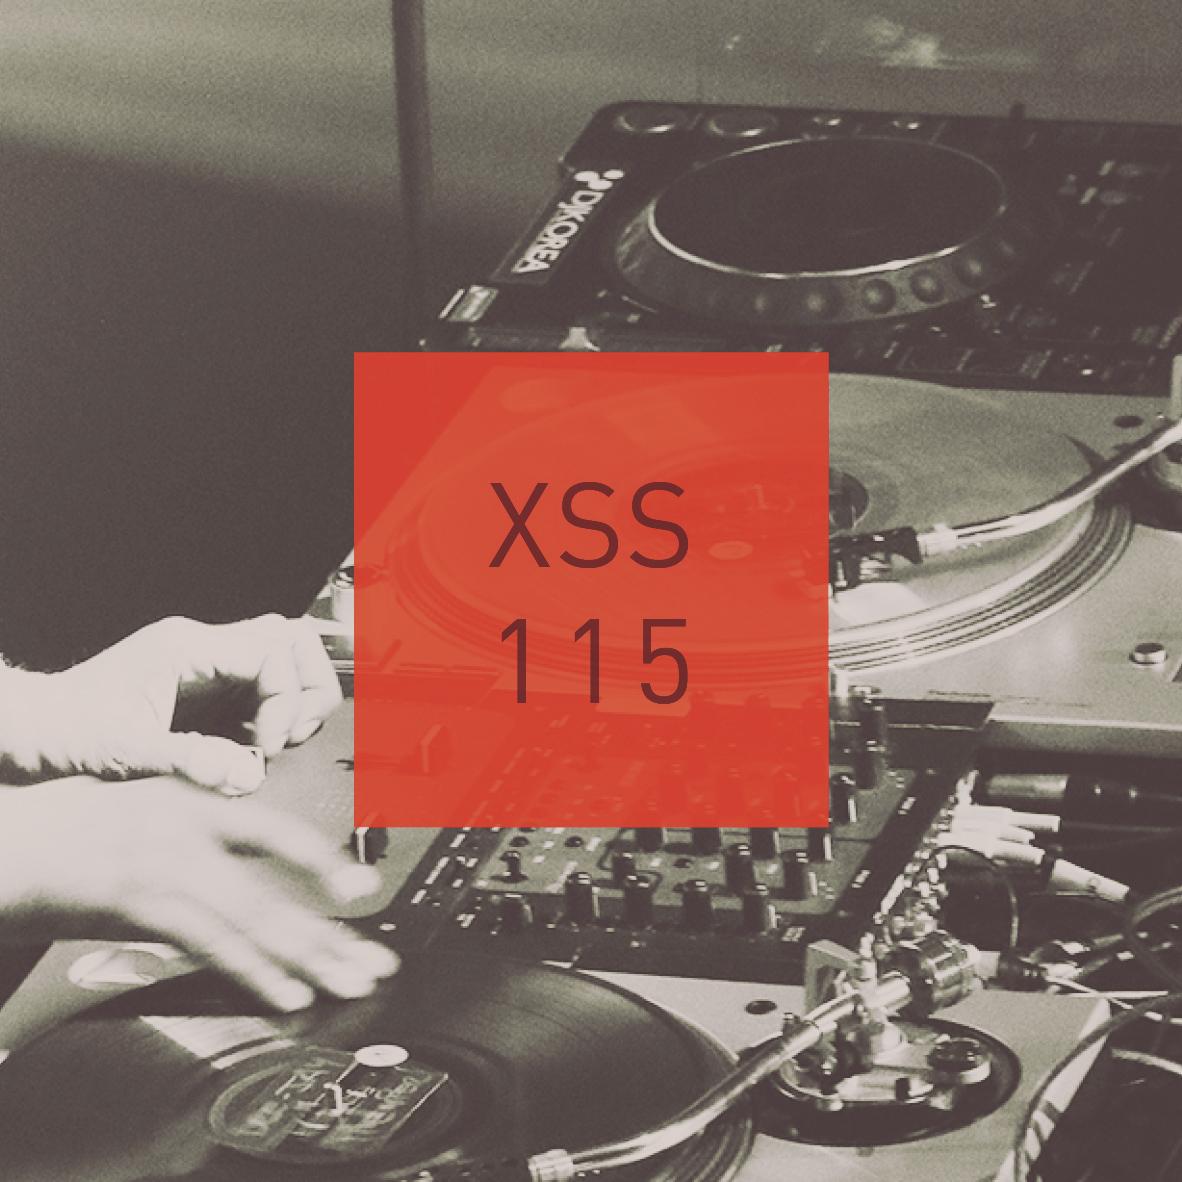 XSS115  |  Cubo  |  Deja  que  te  diga  algo